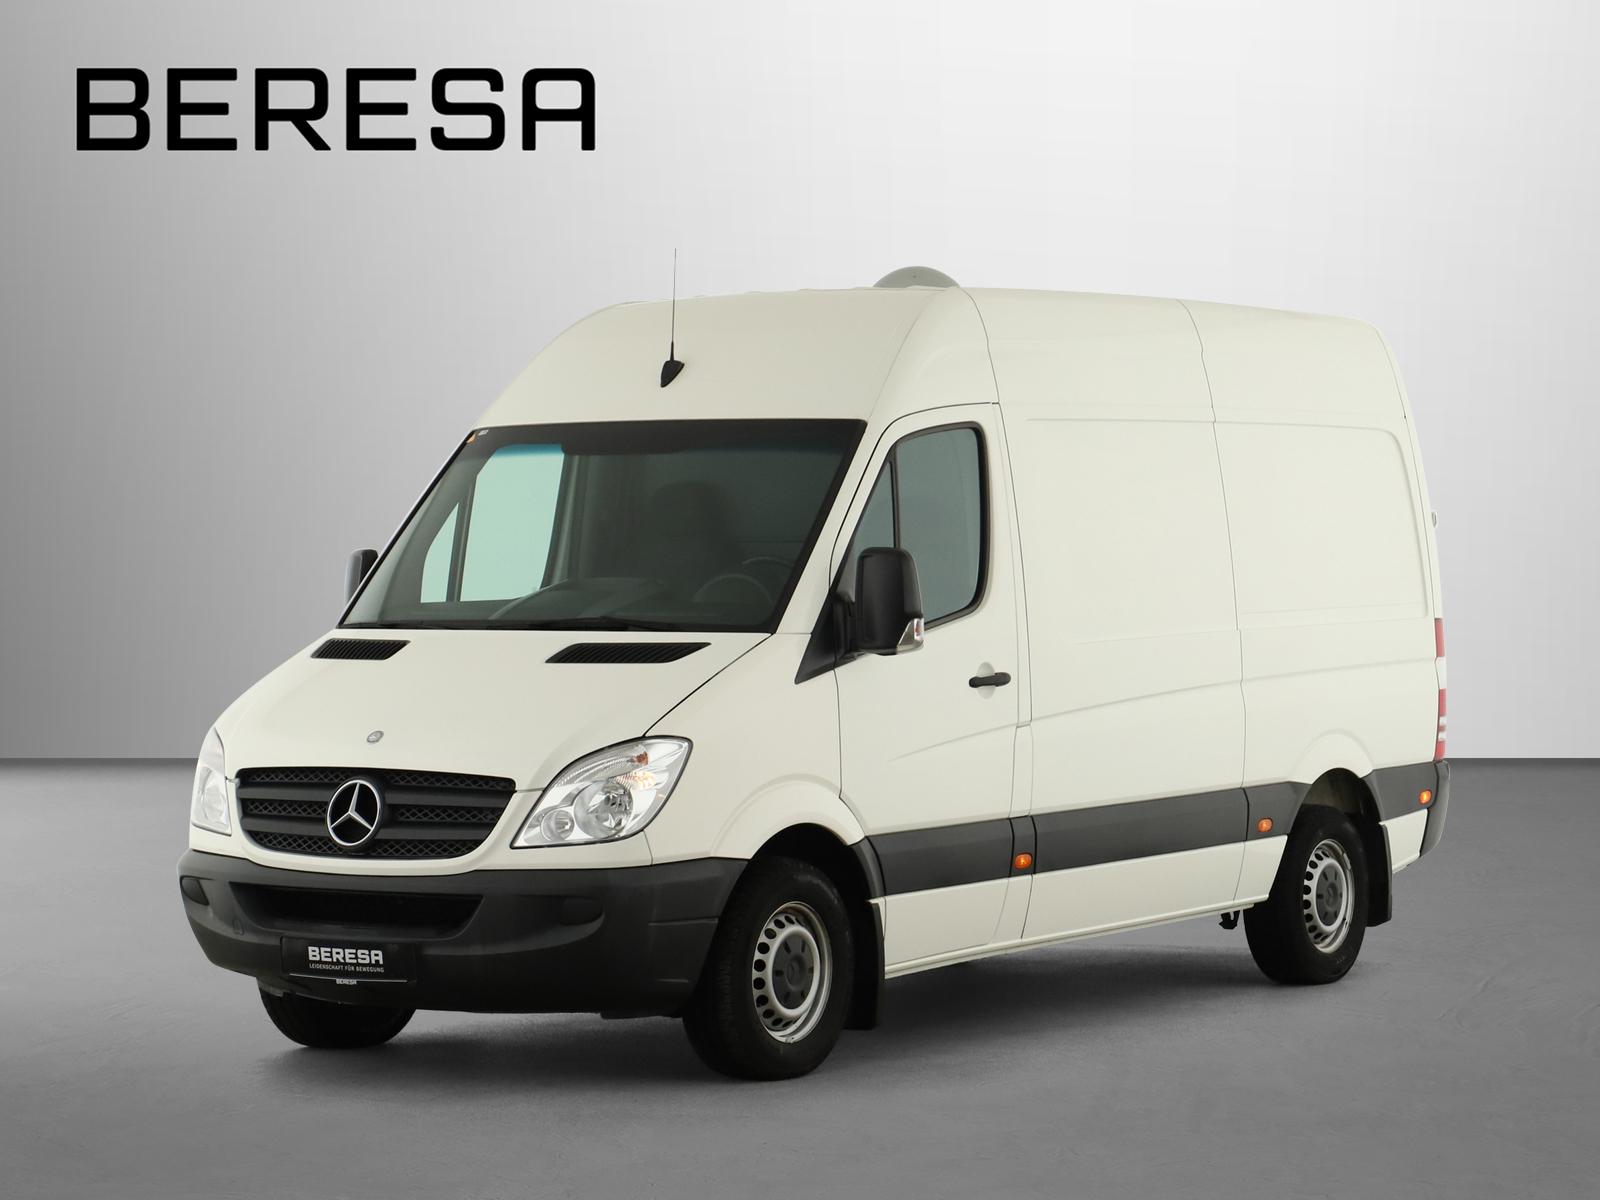 Mercedes-Benz Sprinter 316 CDI Kasten lang Klima Standheizung, Jahr 2013, Diesel